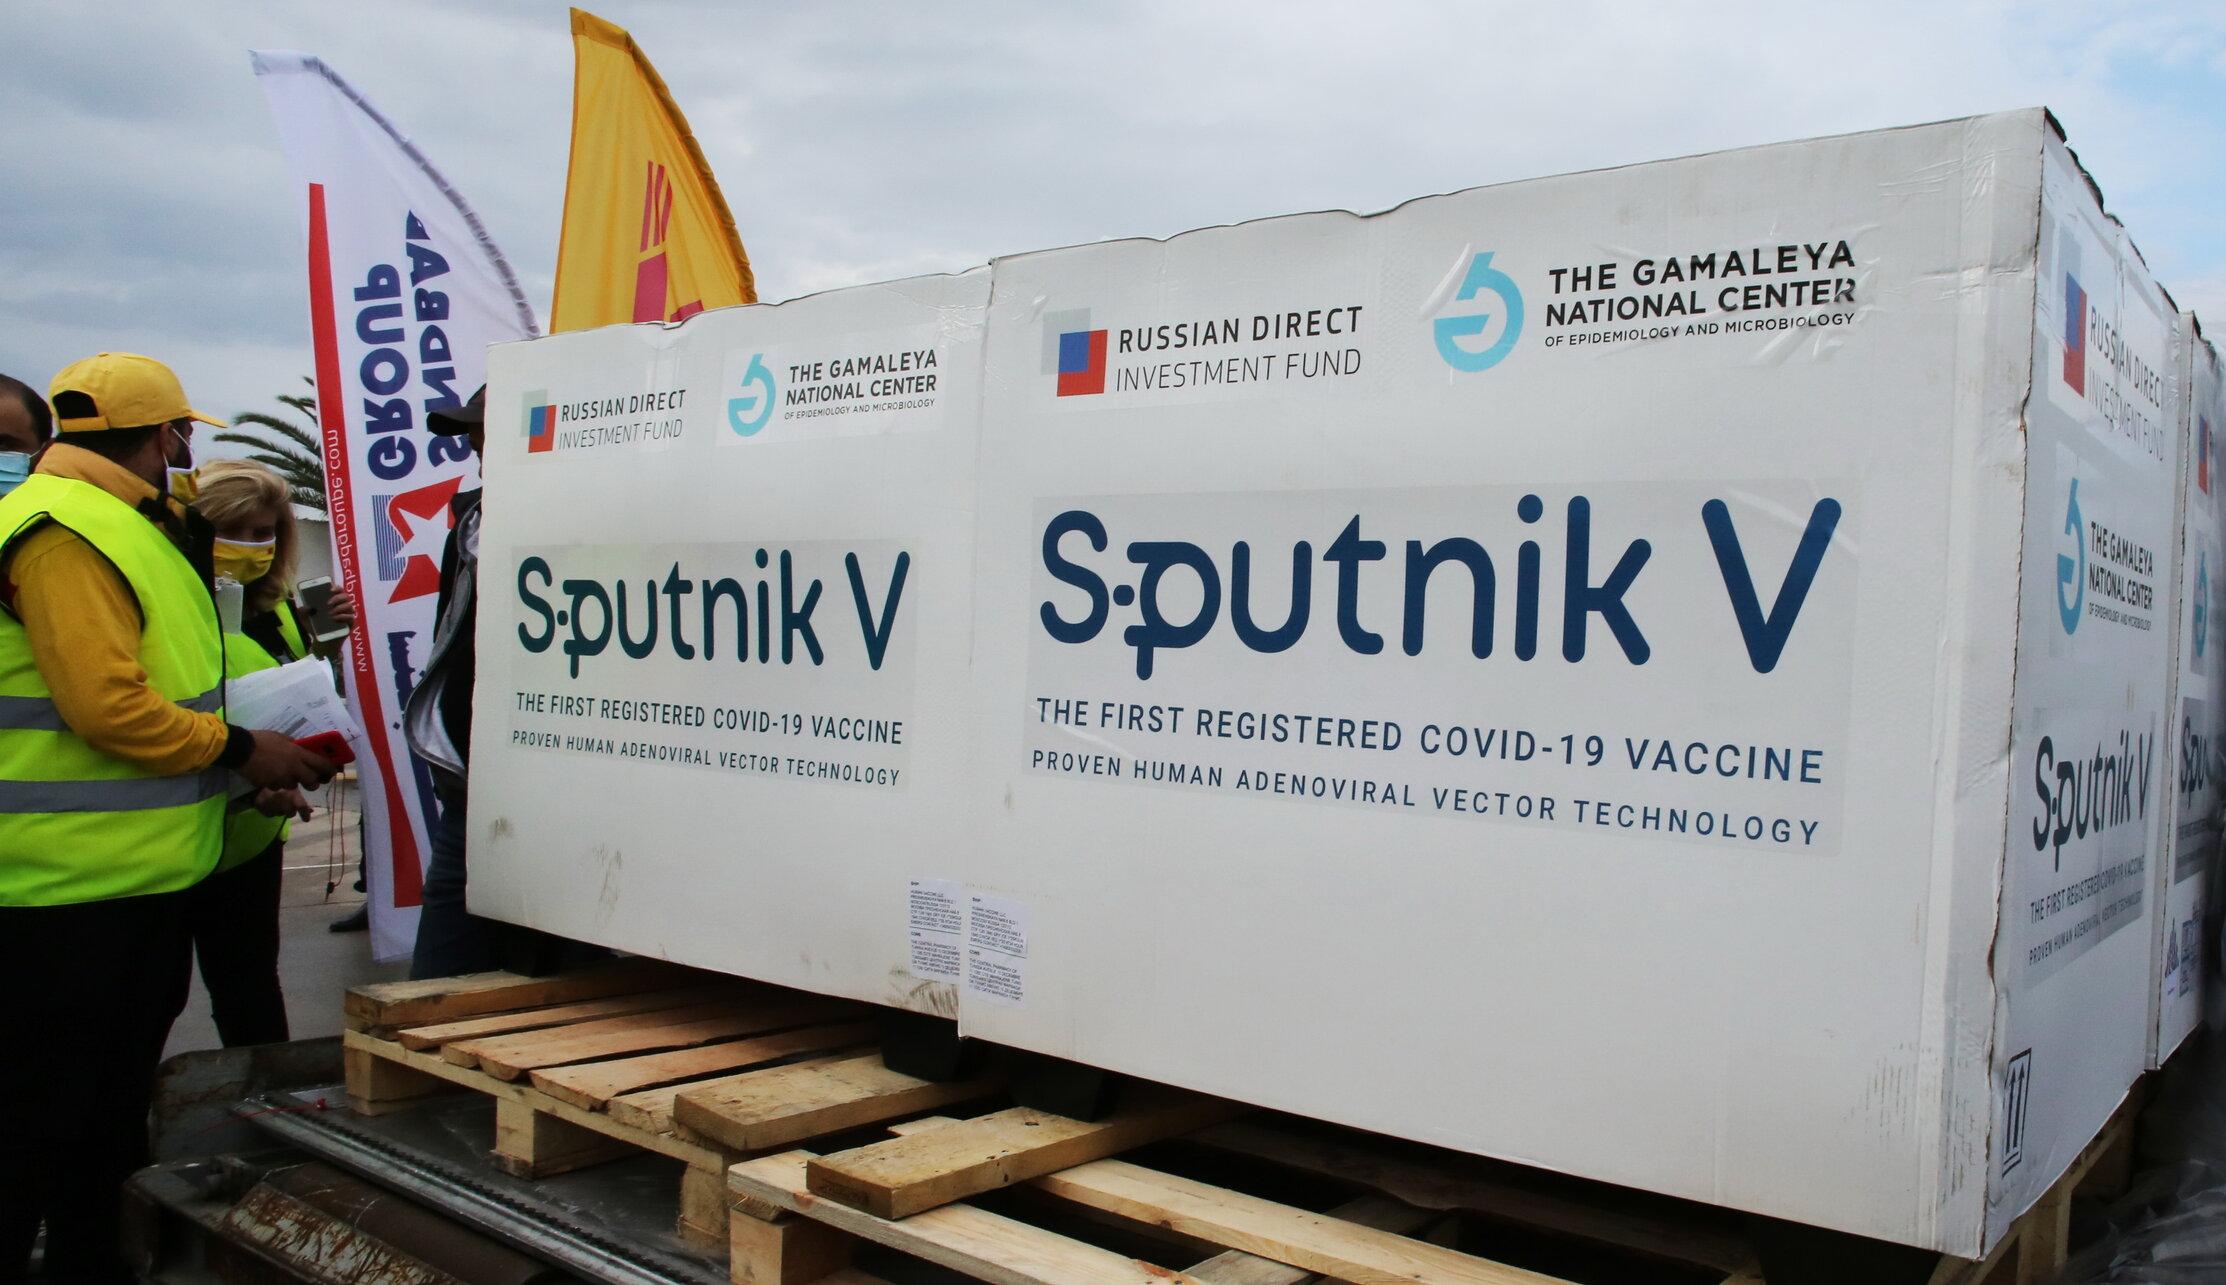 Rusia își vrea vaccinul înapoi. Slovacia trebuie să returneze 200.000 de doze Sputnik V, după ce a contestat calitatea lor